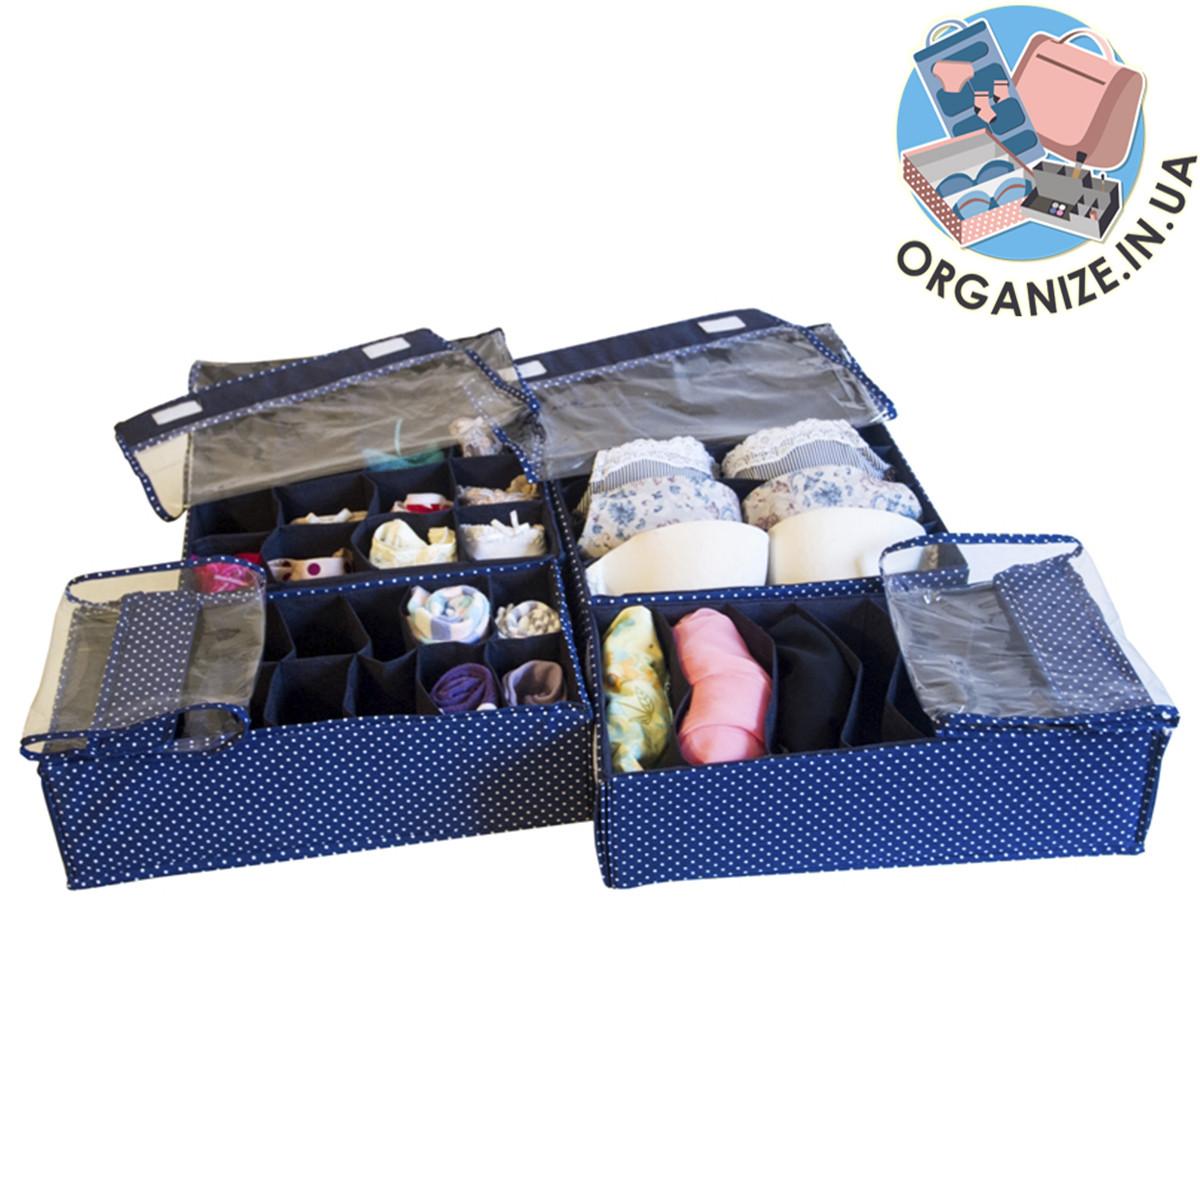 Комплект органайзеров для белья с крышкой ORGANIZE 4 шт (звездное небо)